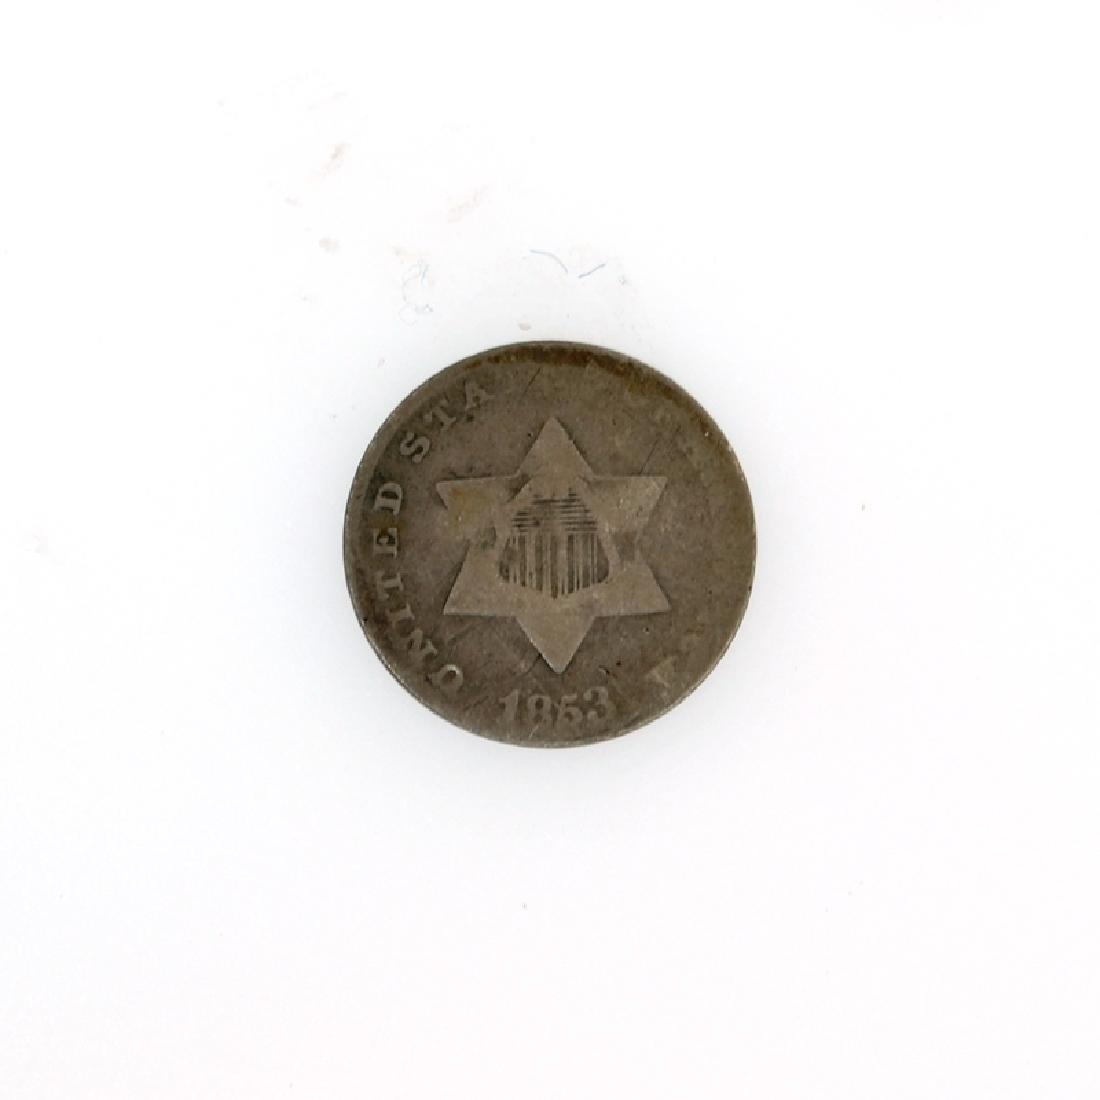 1853 3c silver Coin